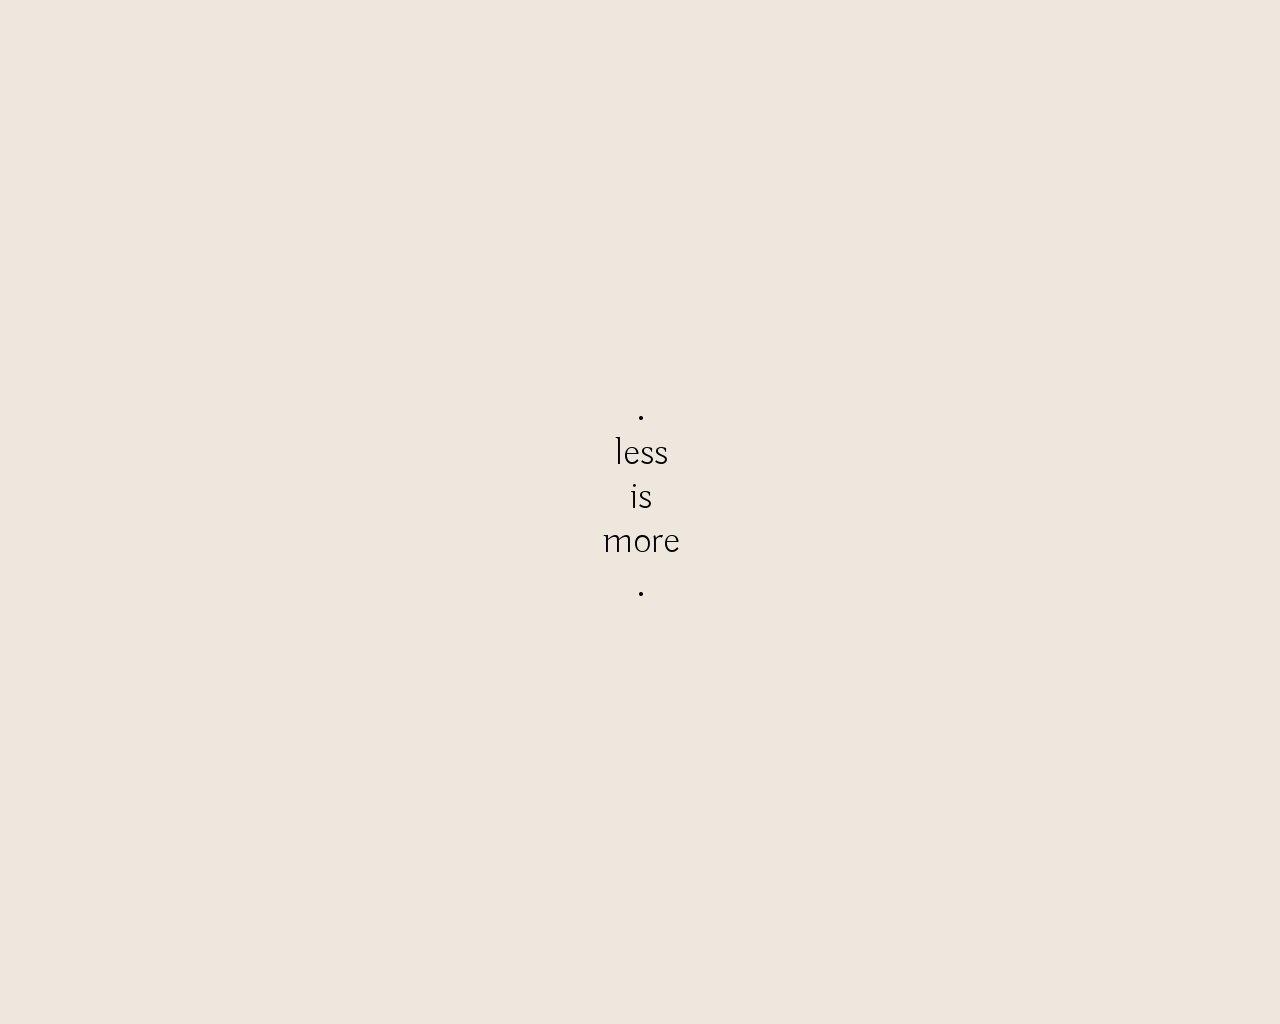 L 39 androide minimalista sfondi minimalisti citazioni for Immagini minimal